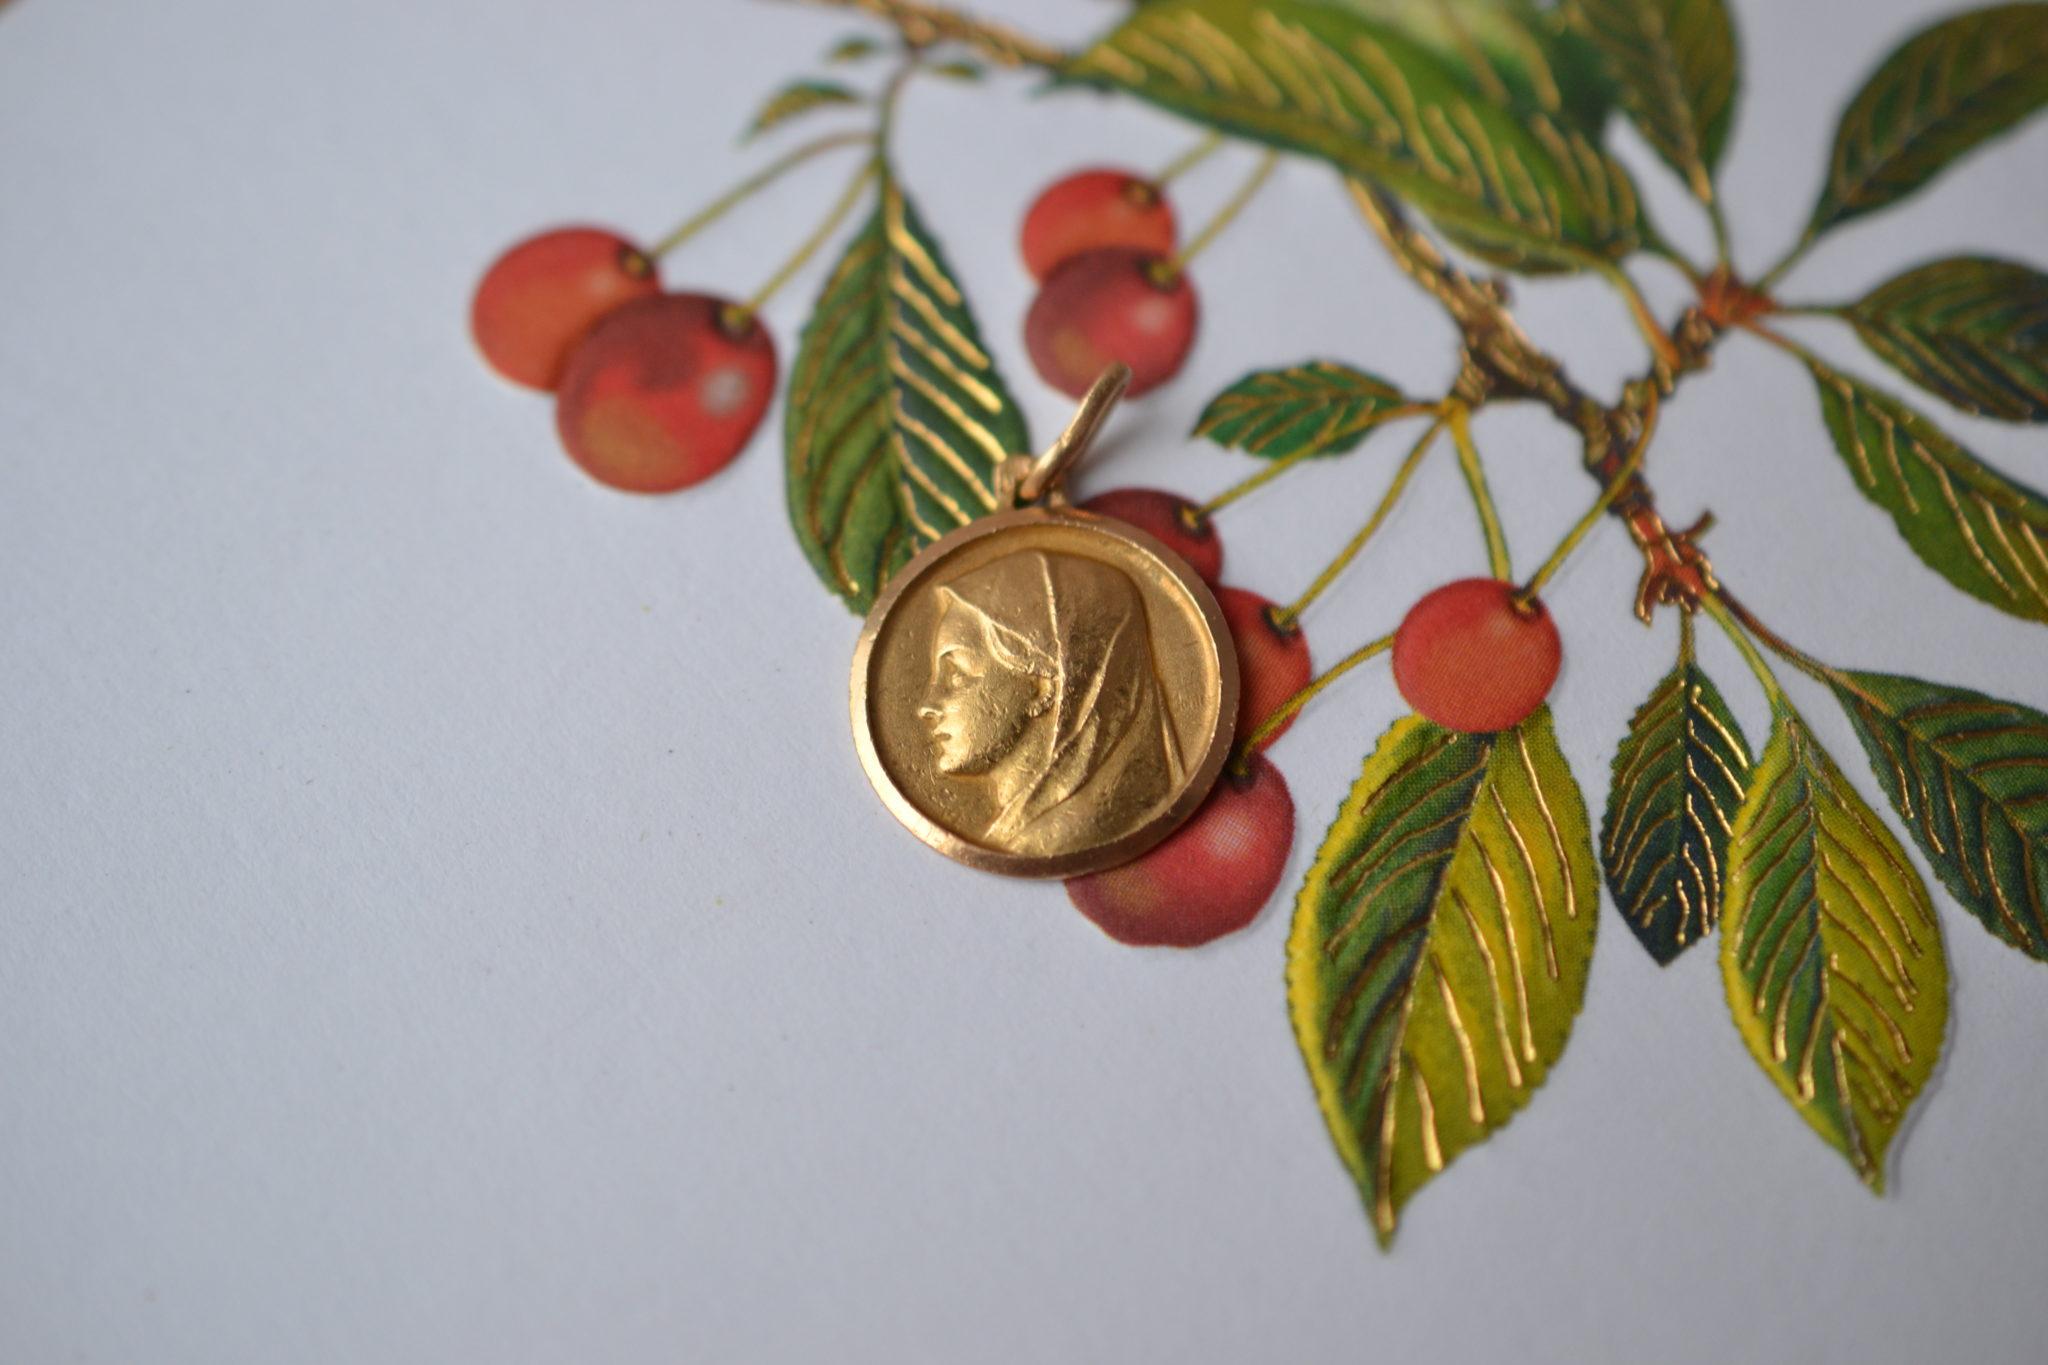 Médaille Ronde En Or Jaune Décorée Du Profil De La Vierge - Pendentif Vintage